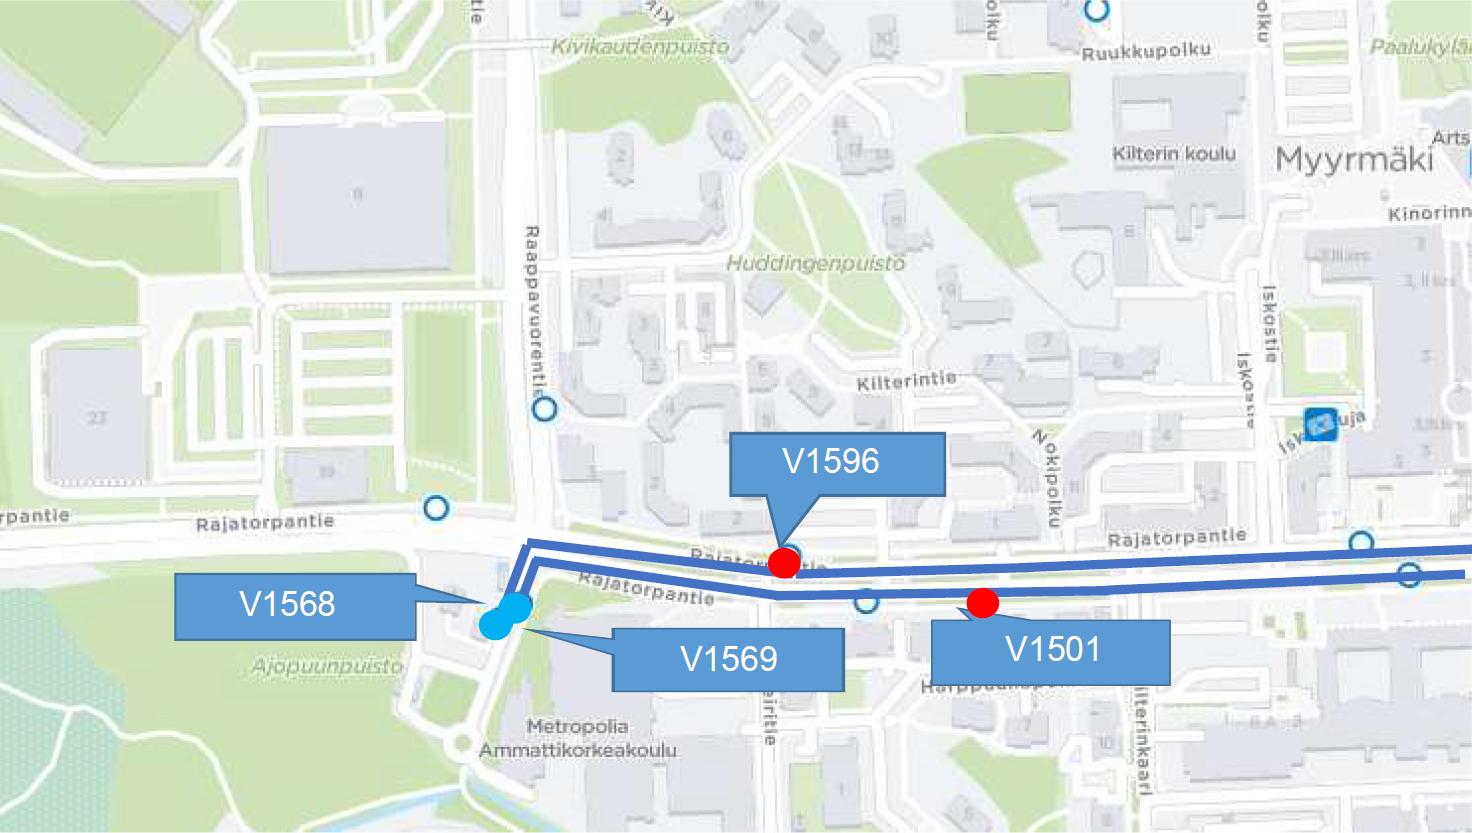 Linja 560 palaa Honkasuon pysäkeille 11.2. Päätepysäkkiä korvanneet pysäkit Leiritie (V1501 ja V1596) poistuvat linjan 560 käytöstä.